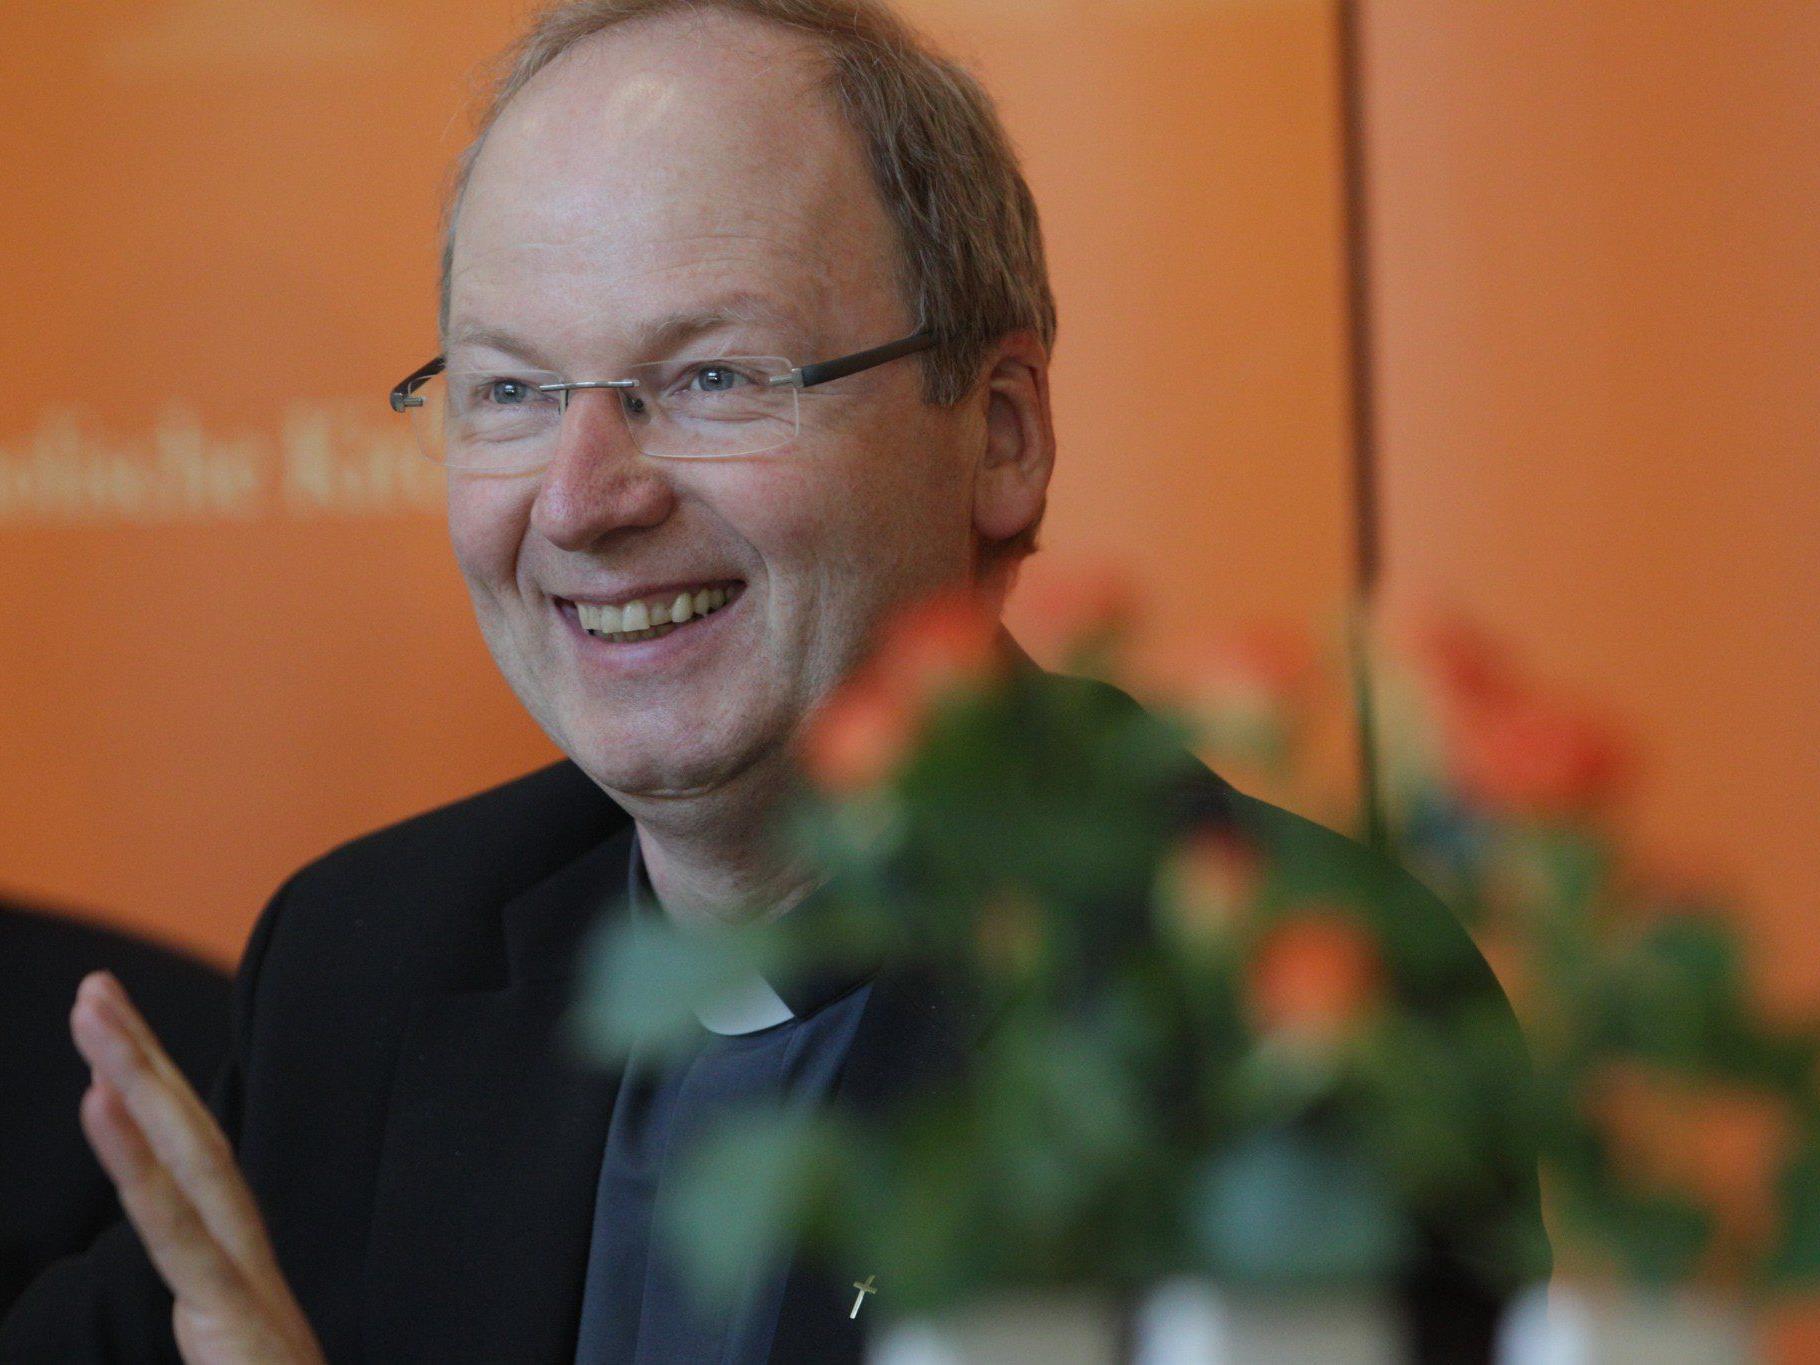 Benno Elbs wird am 30. Juni im Dom zu Feldkirch zum Bischof geweiht.